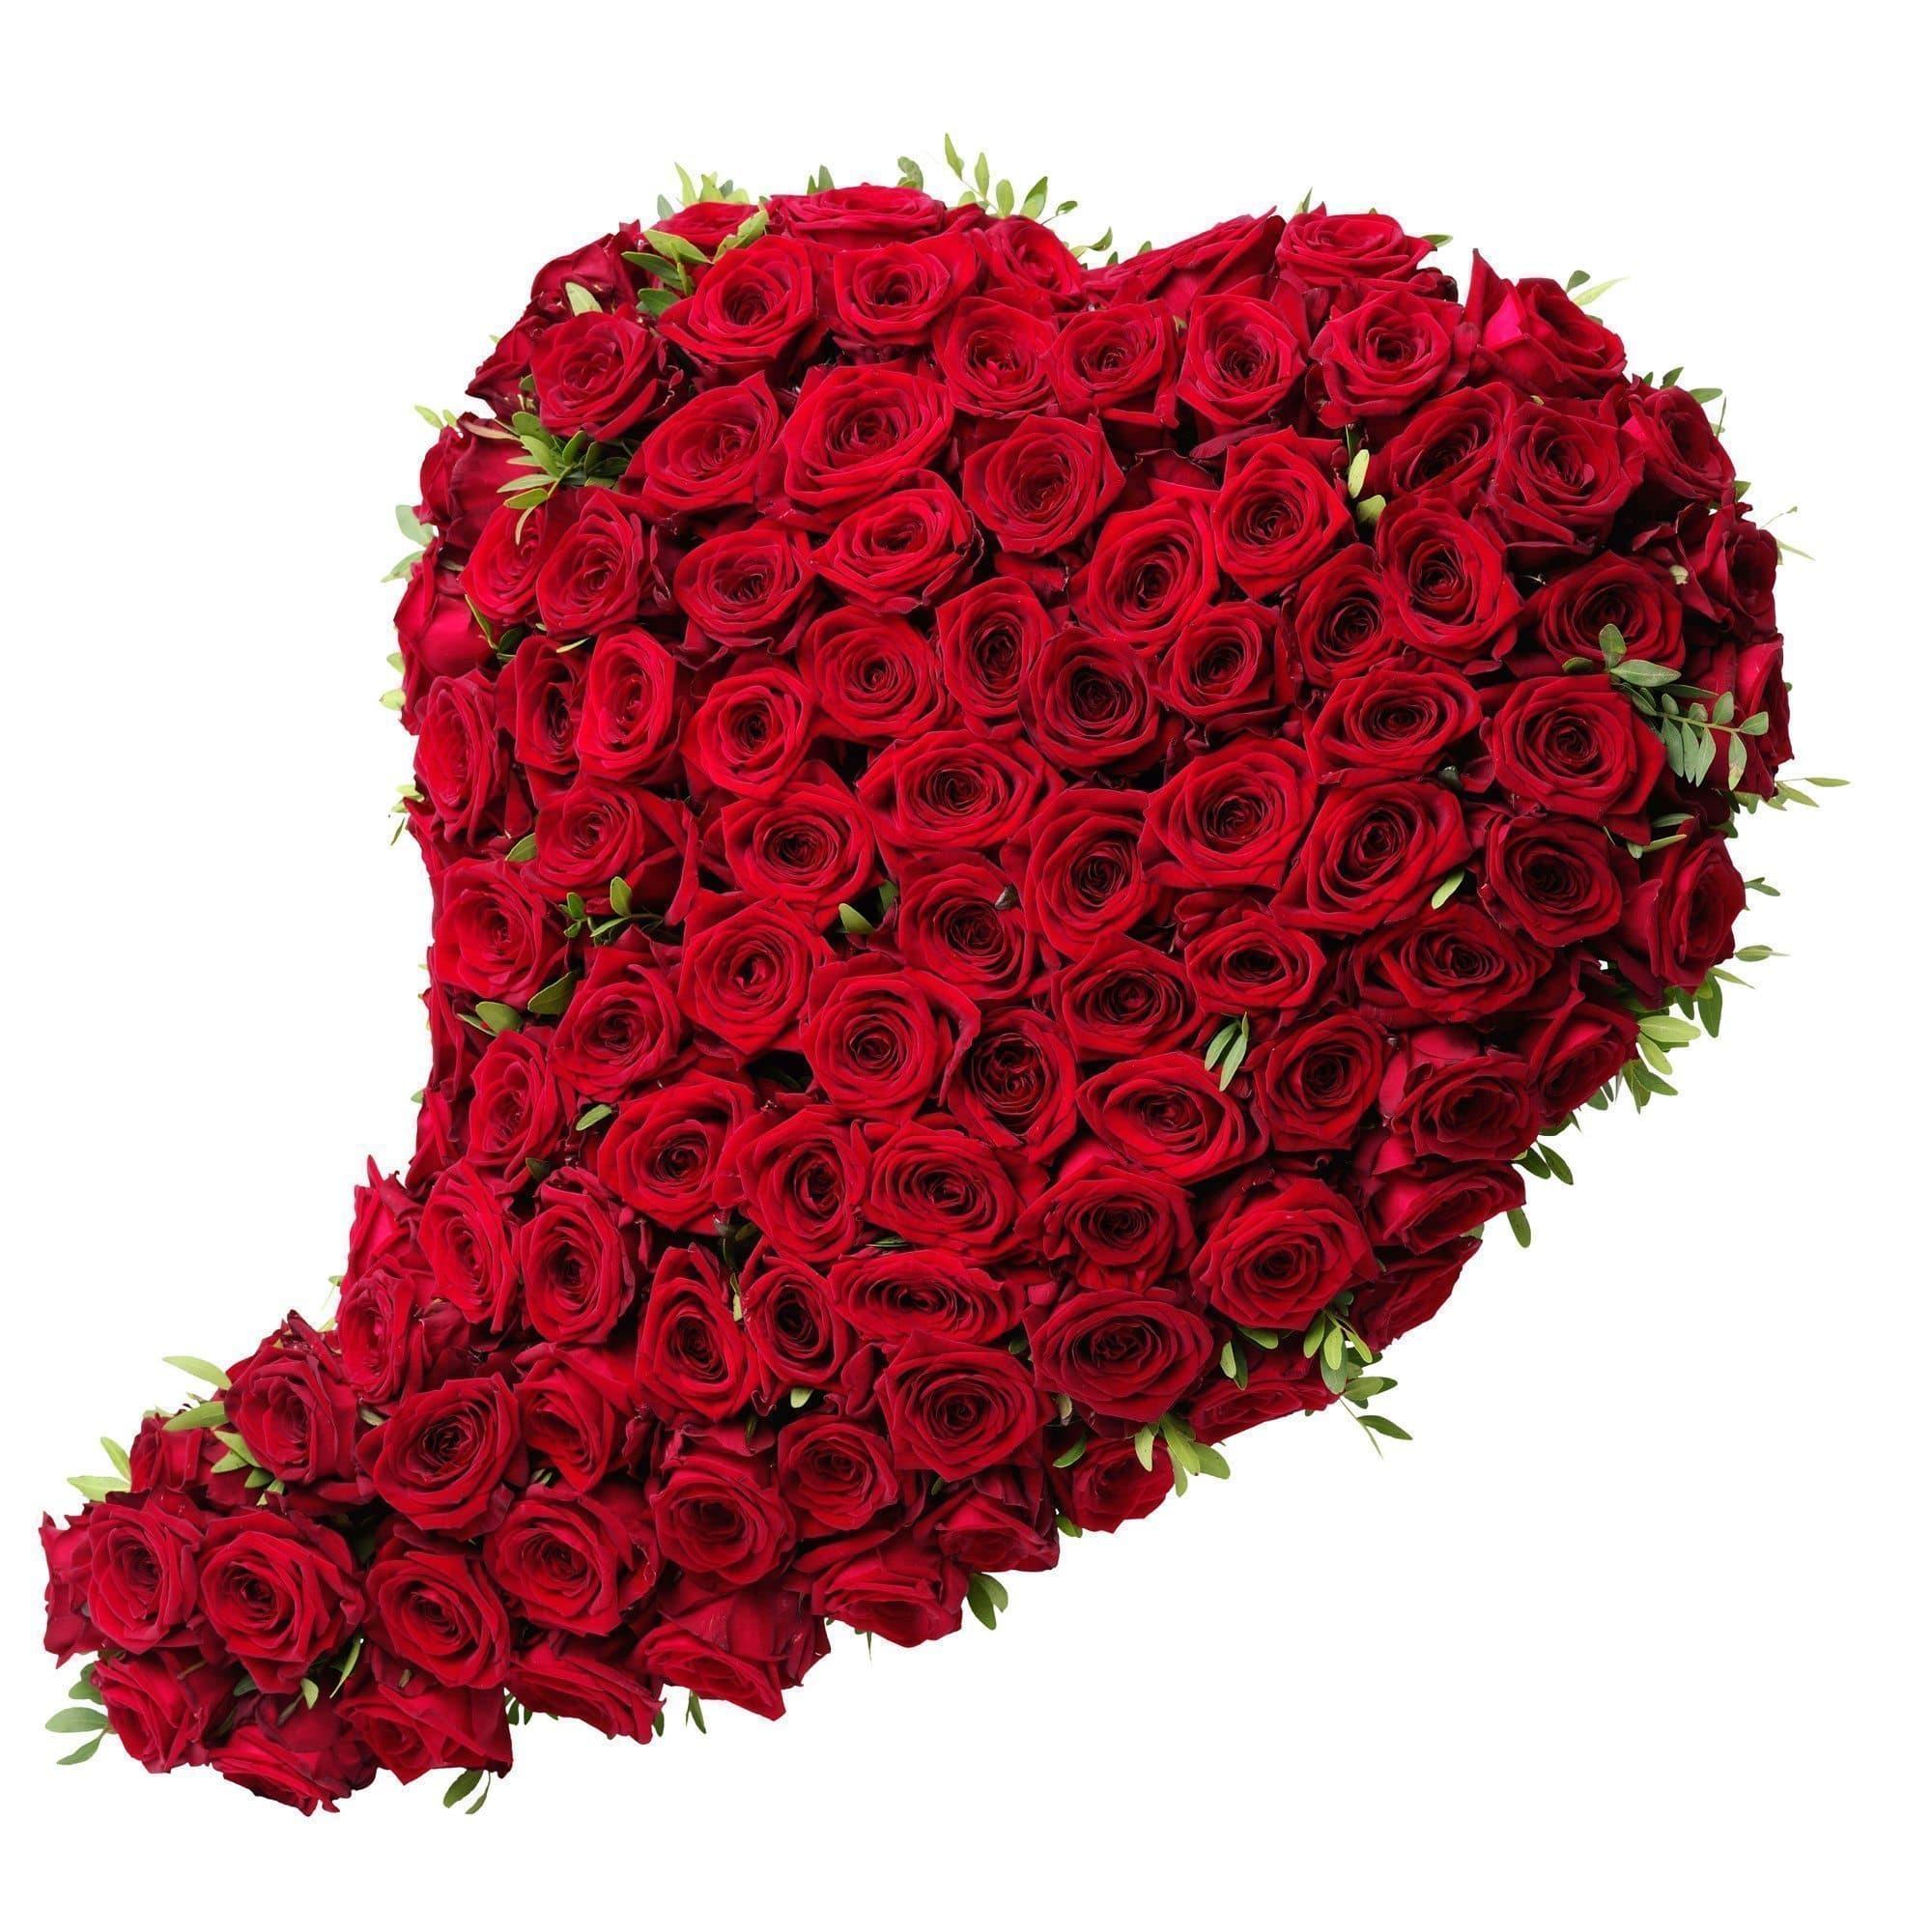 Сердце на подставкеКрасные розы<br>Подарочная композиция Сердце на подставке выполнена в форме огромного сердца, которое наполнено самыми пылкими чувствами. <br>В состав флористического шедевра вошли:<br><br>101 ароматная красная роза,<br>оазис, пропитанный водой.<br><br>Сердце декорировано фисташ...<br>